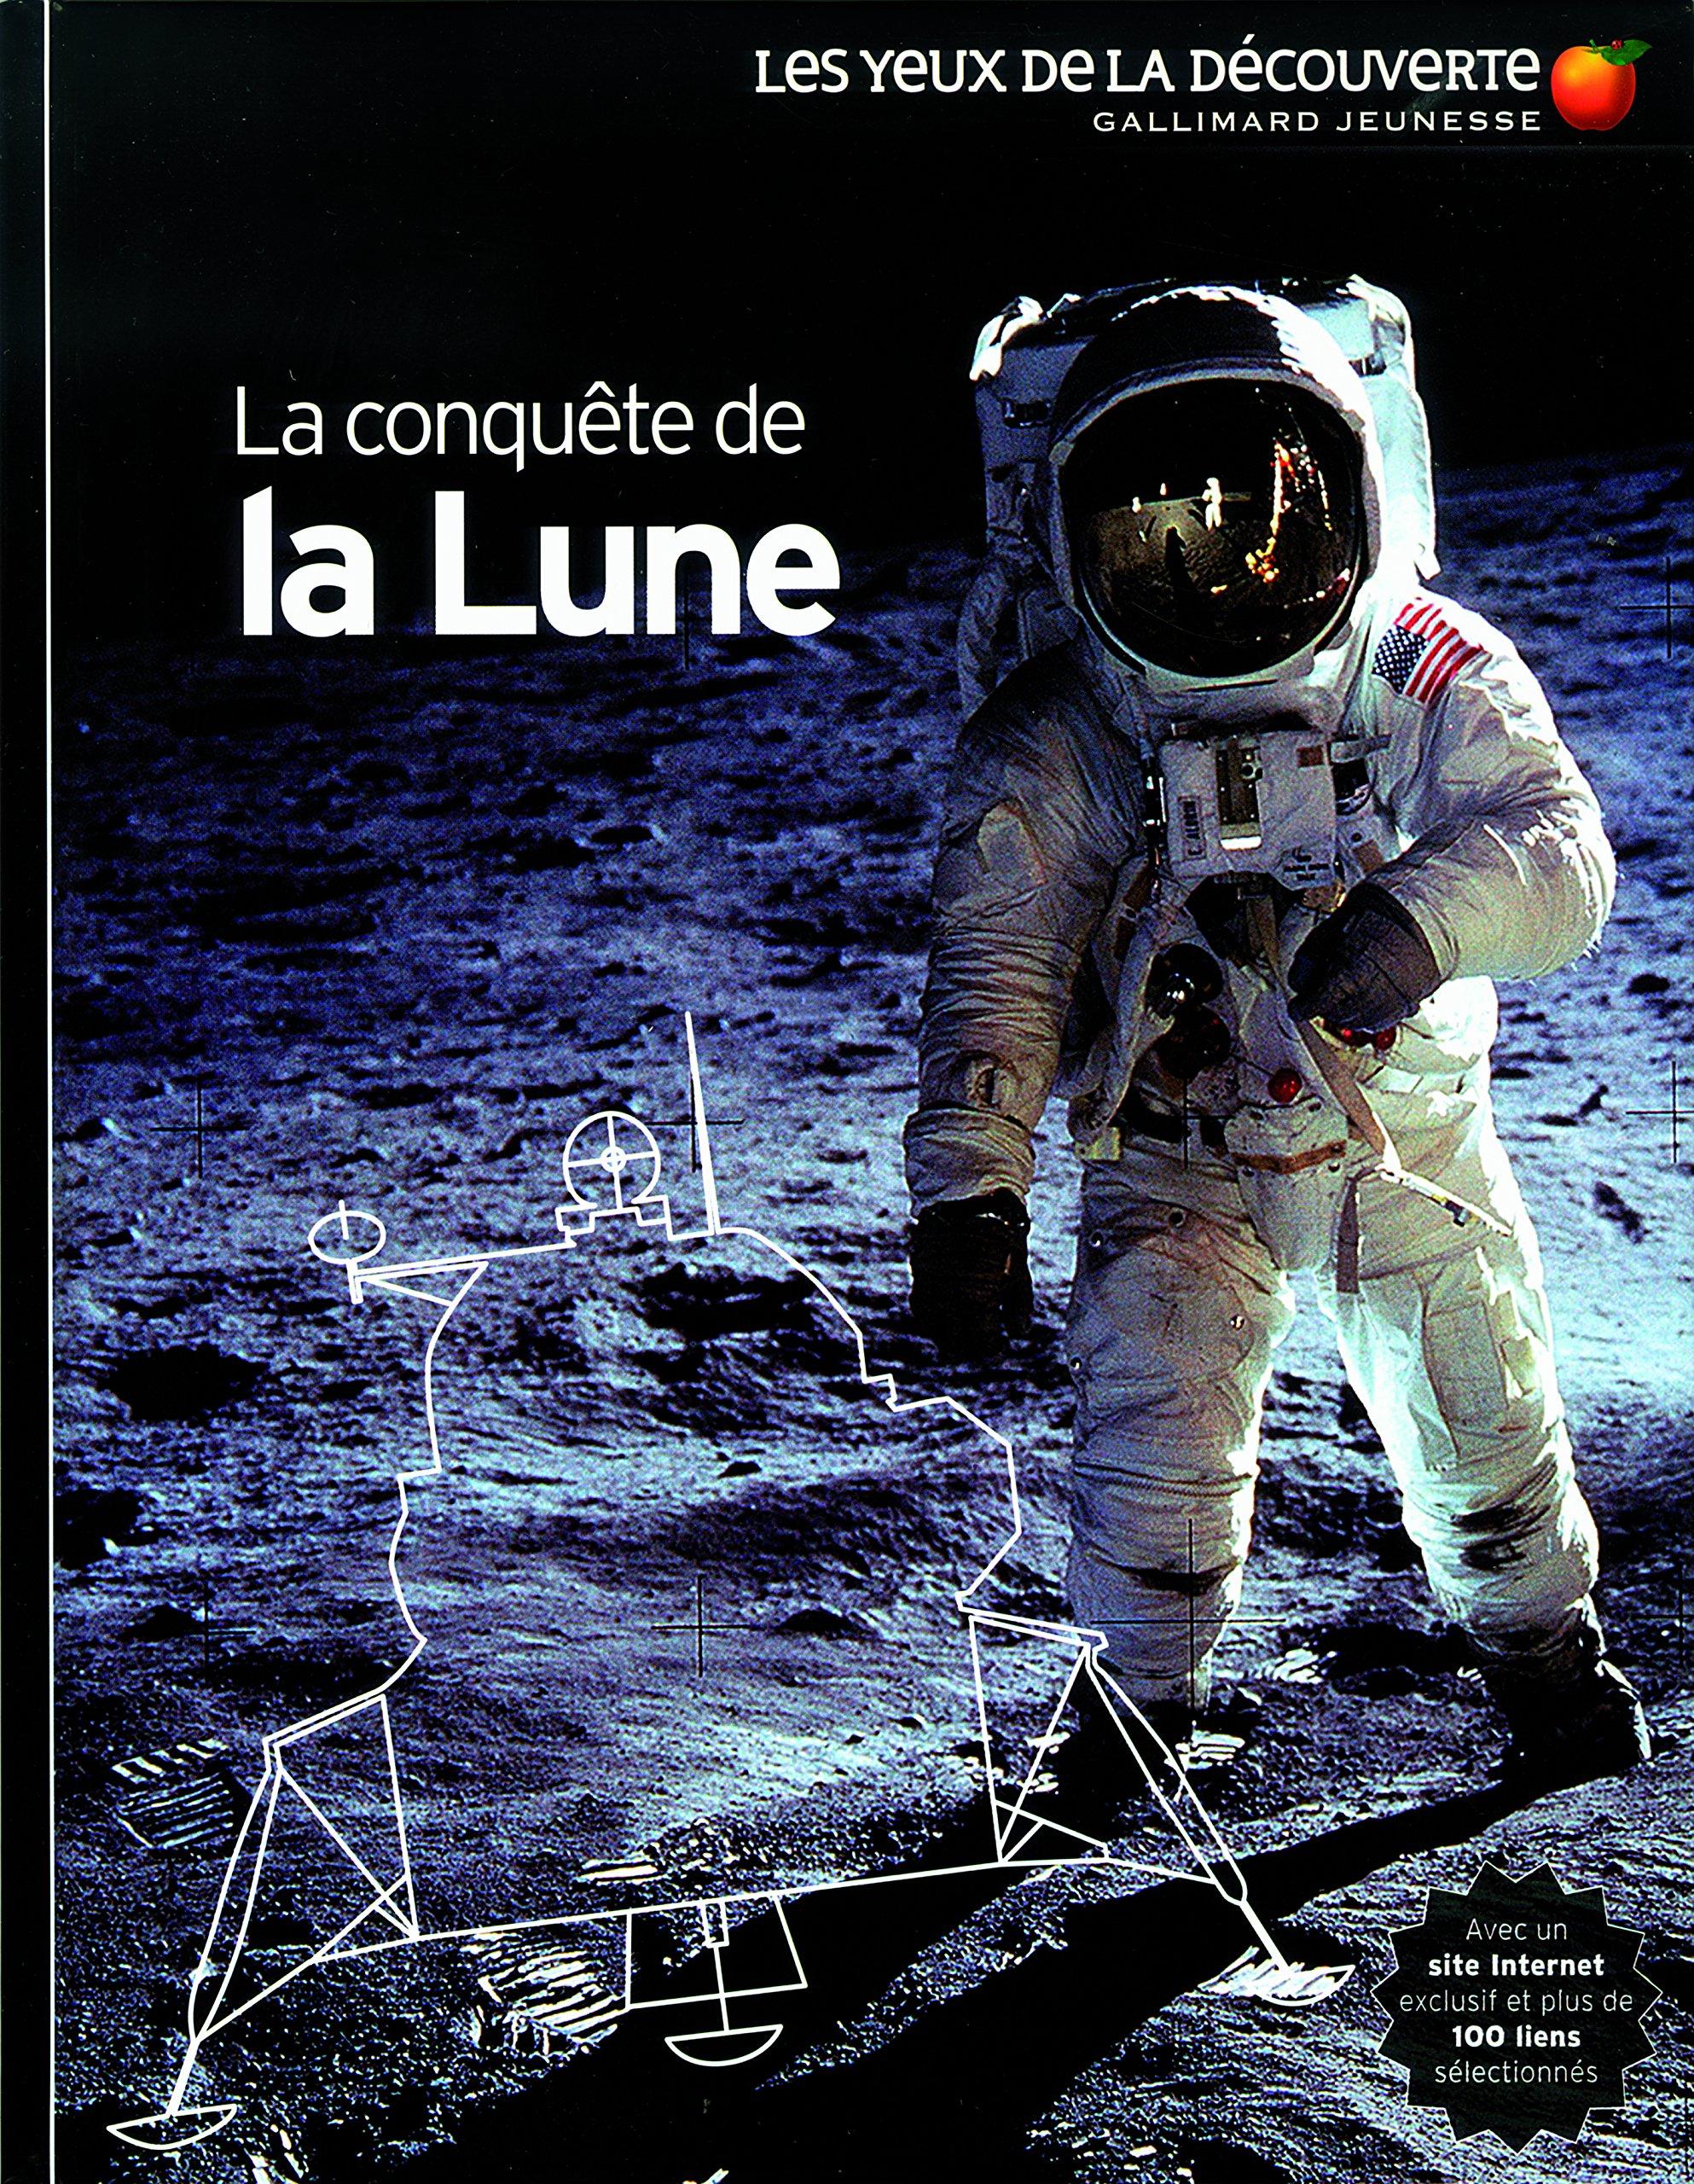 La conquête de la lune Album – 11 juin 2009 Jacqueline Mitton Bruno Porlier Gallimard Jeunesse 2070623998